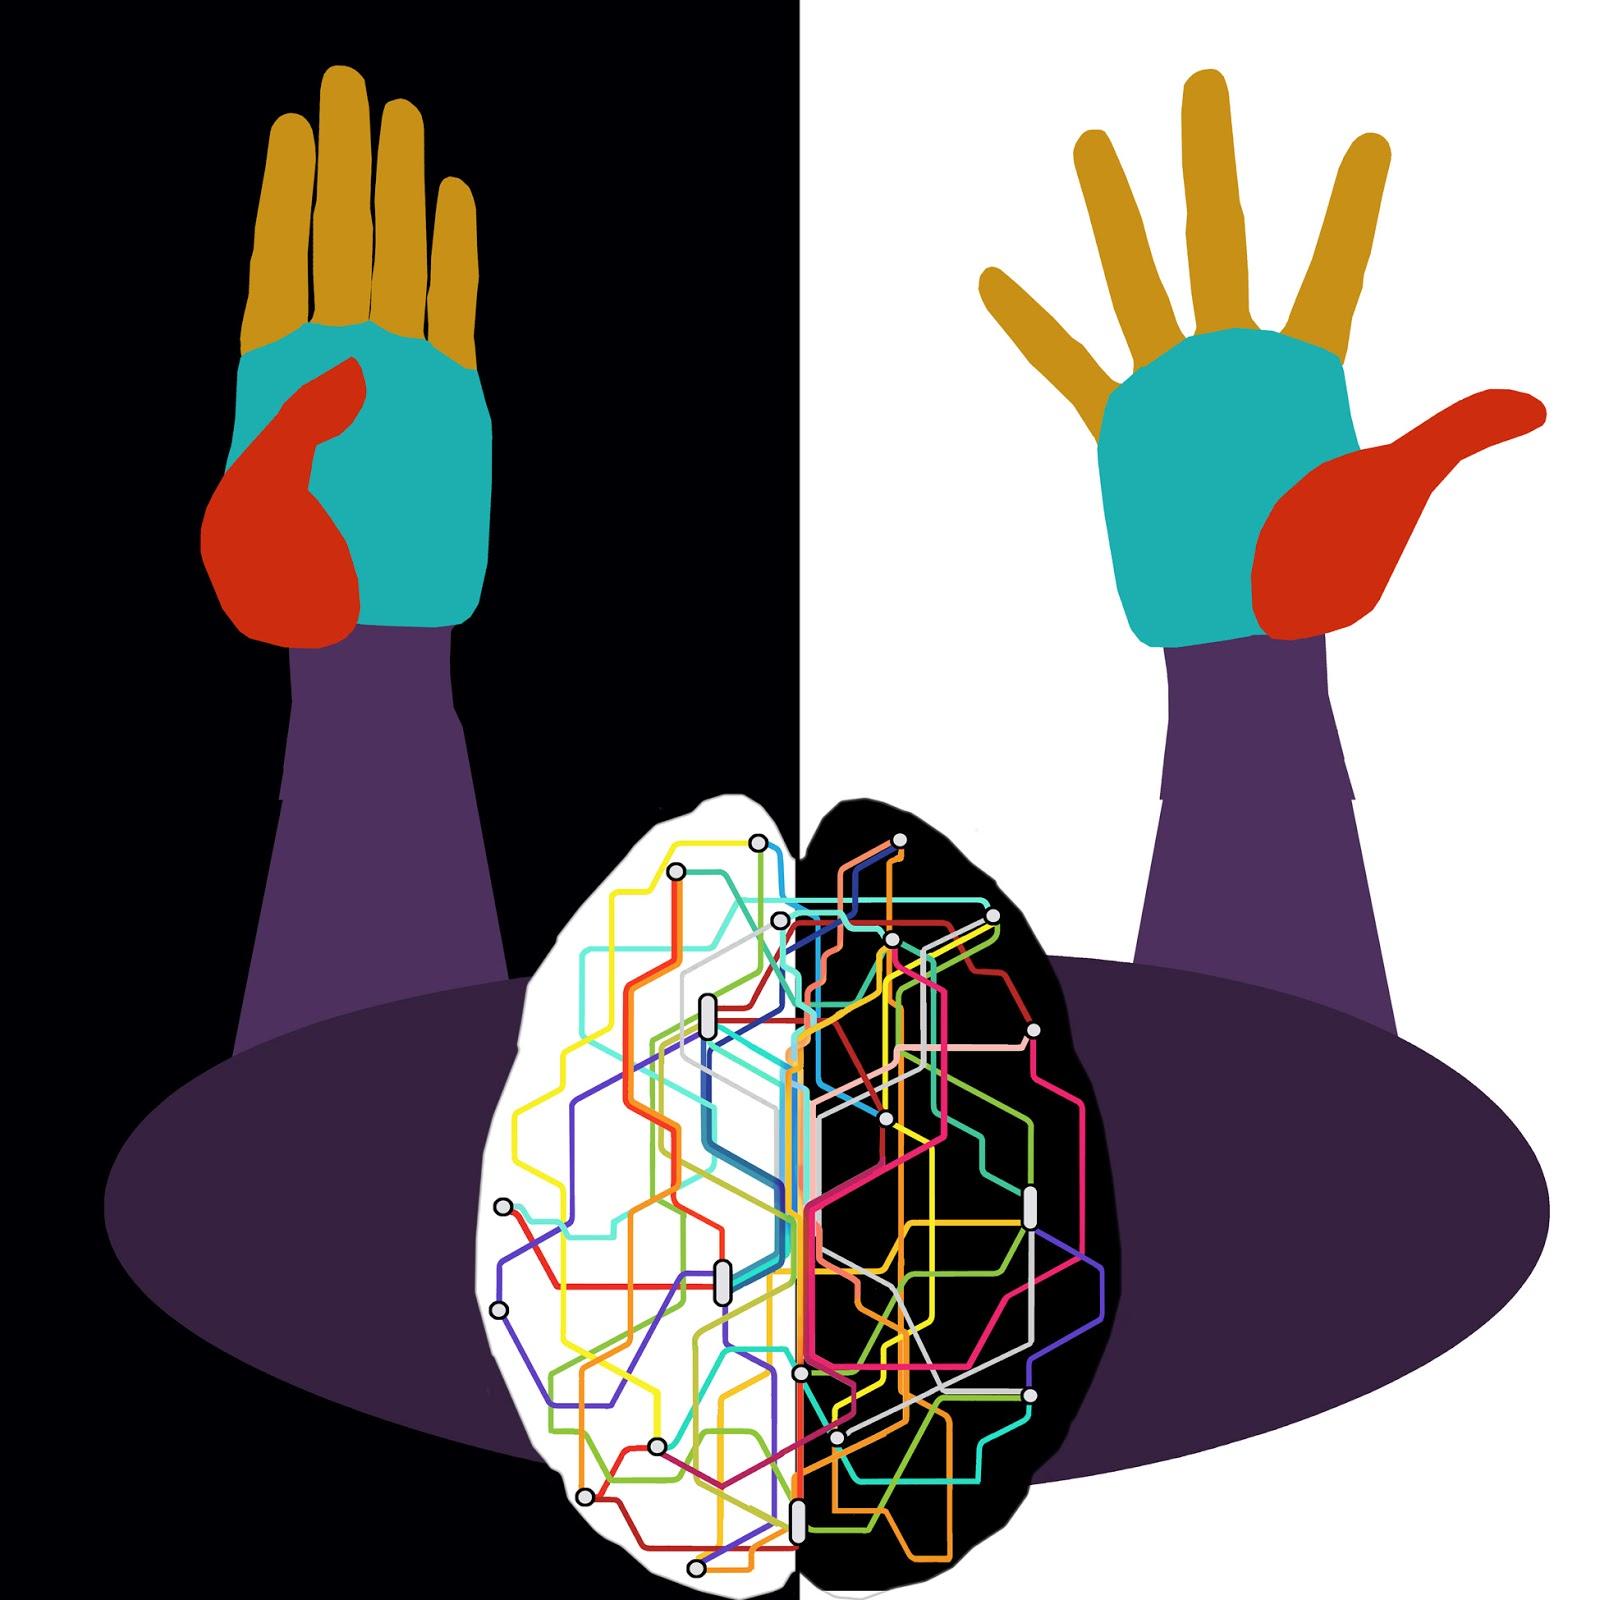 conexiones neuronas, mano